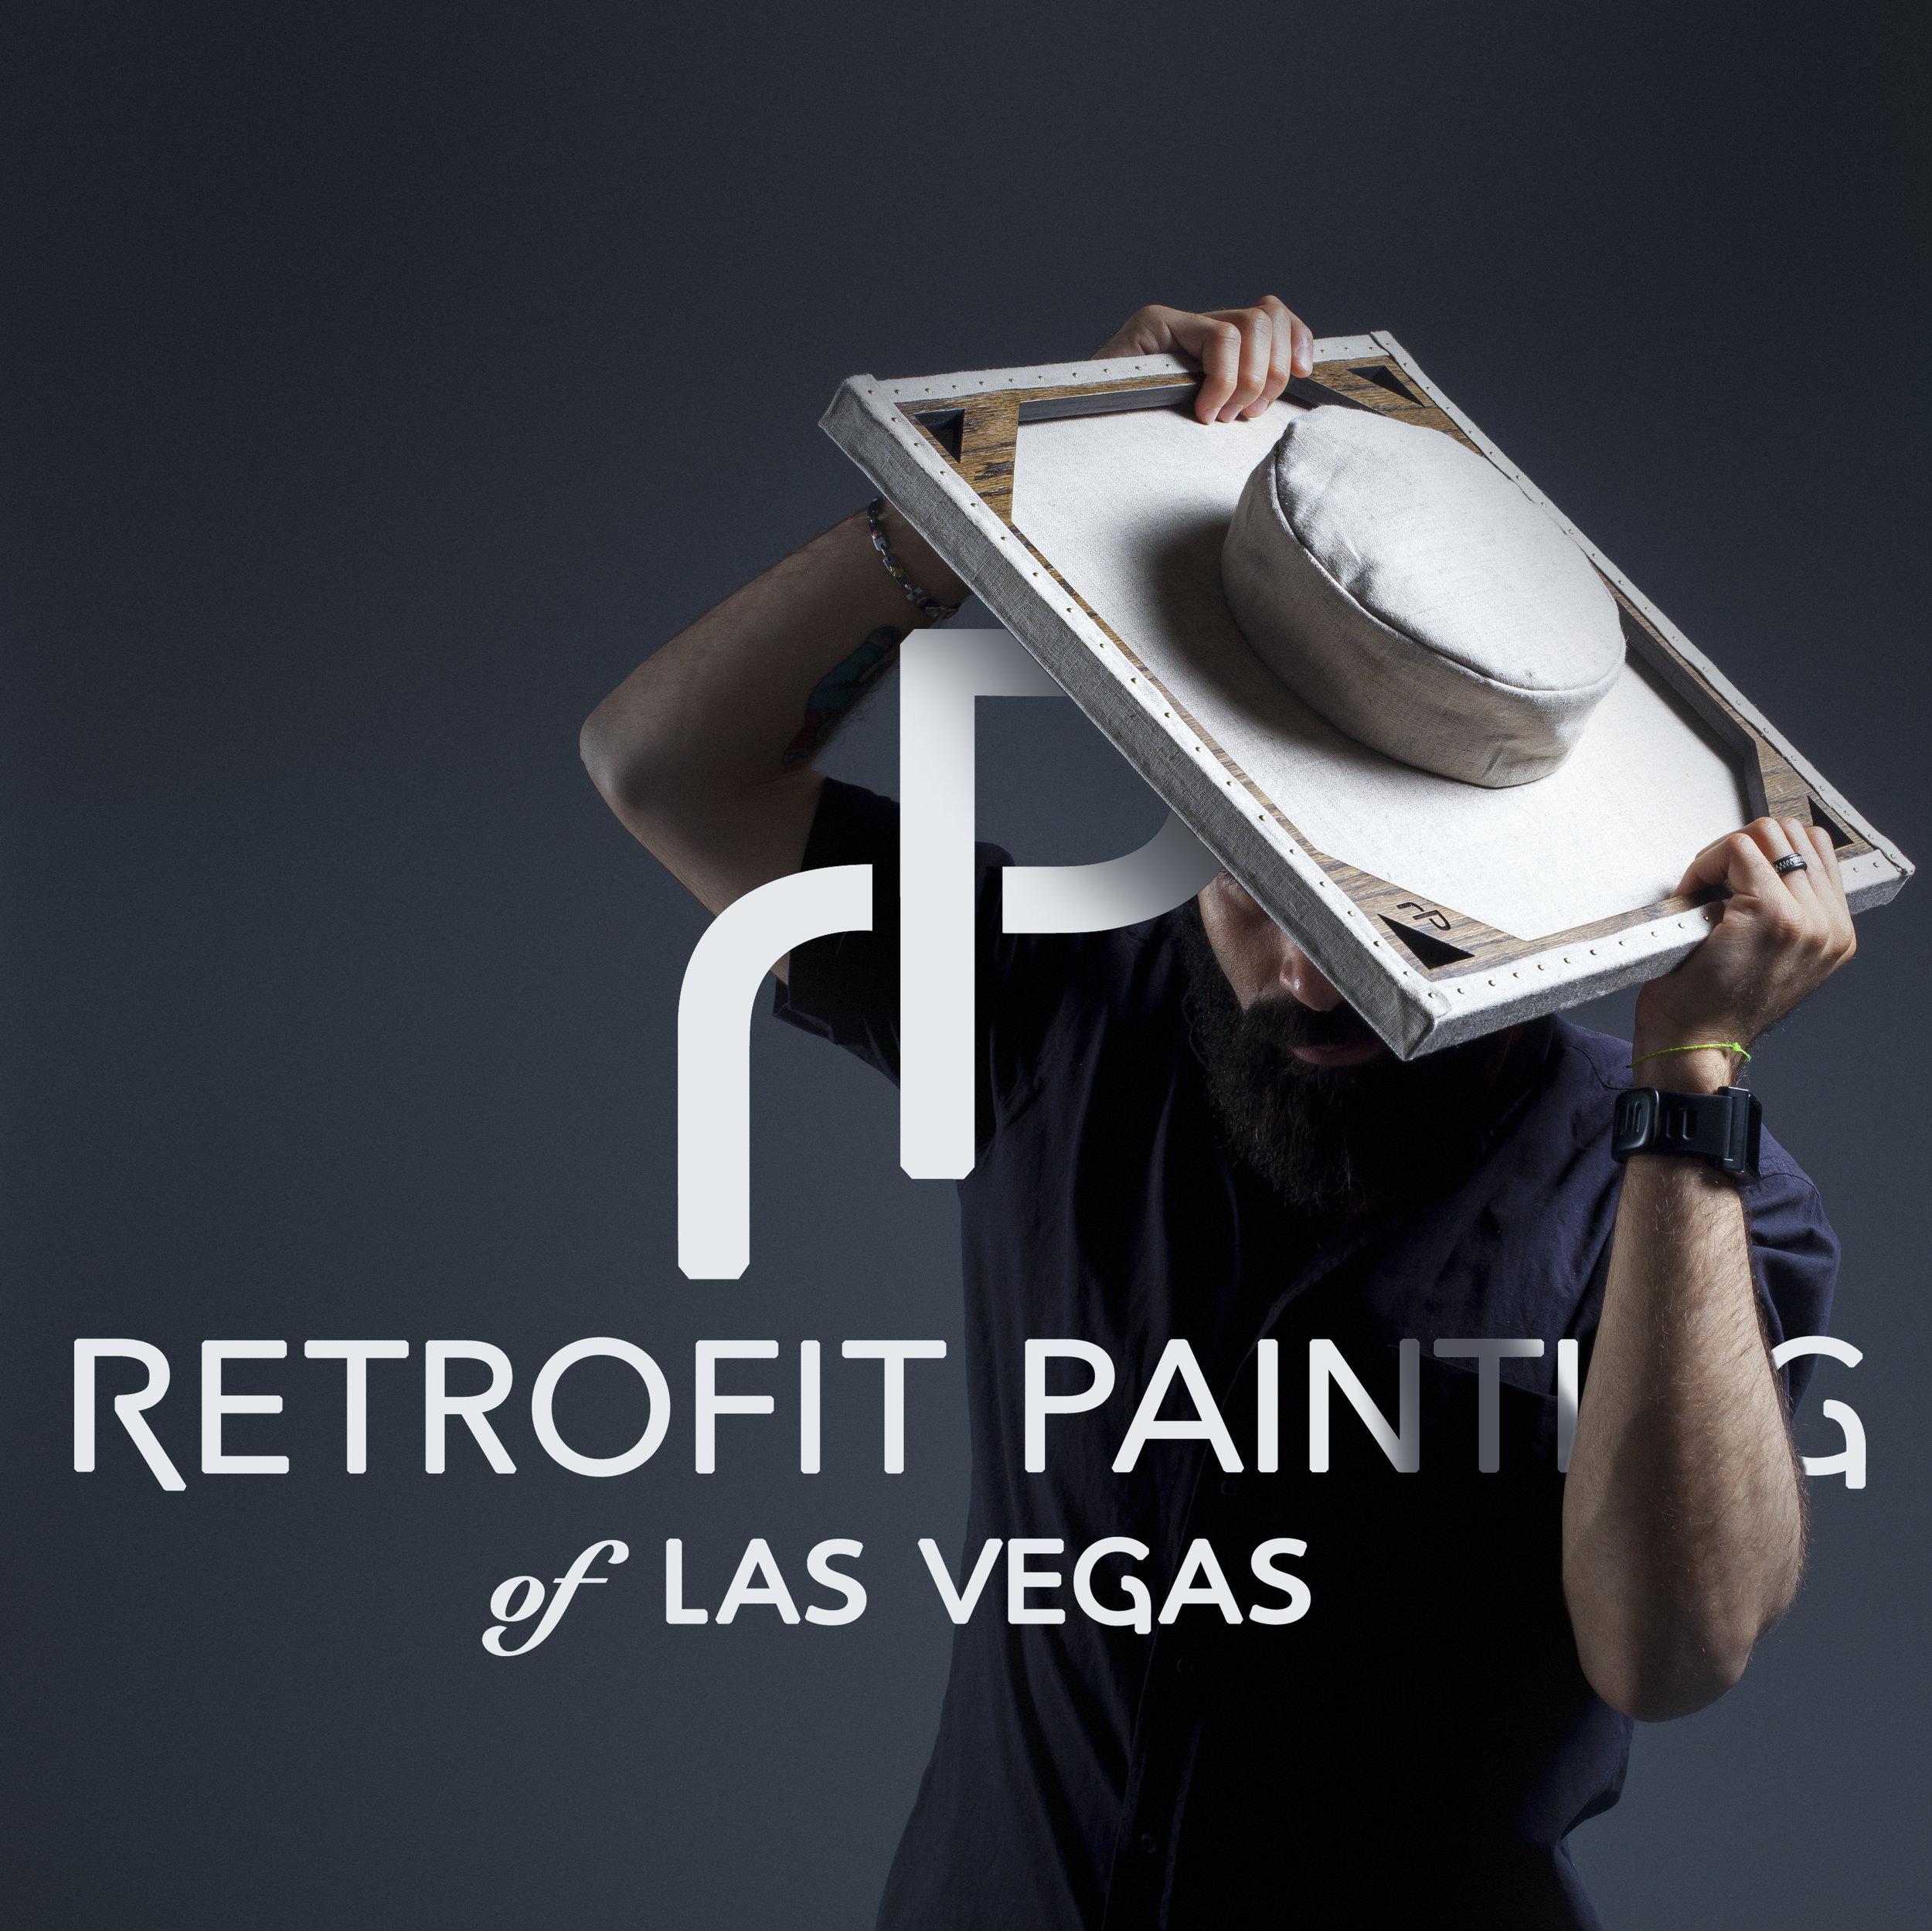 Thomas_Willis_Retrofit_Painting_08.jpg